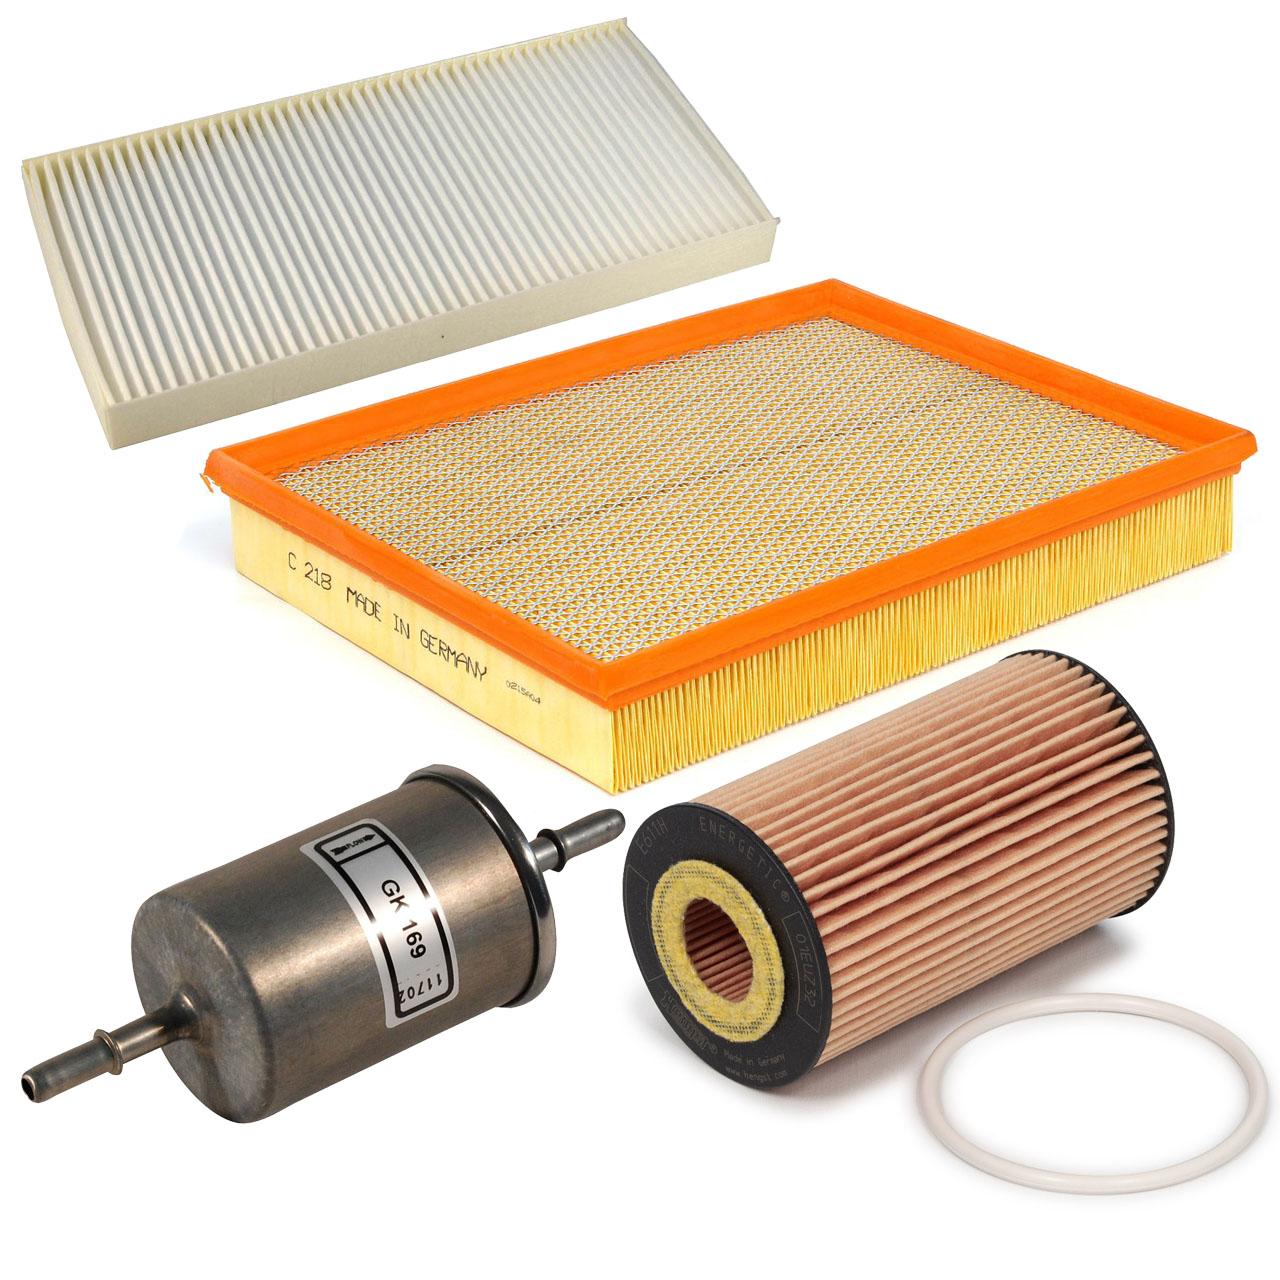 Inspektionskit Filterpaket Filterset für Opel Signum Vectra C 1.8 140 PS Z18XER